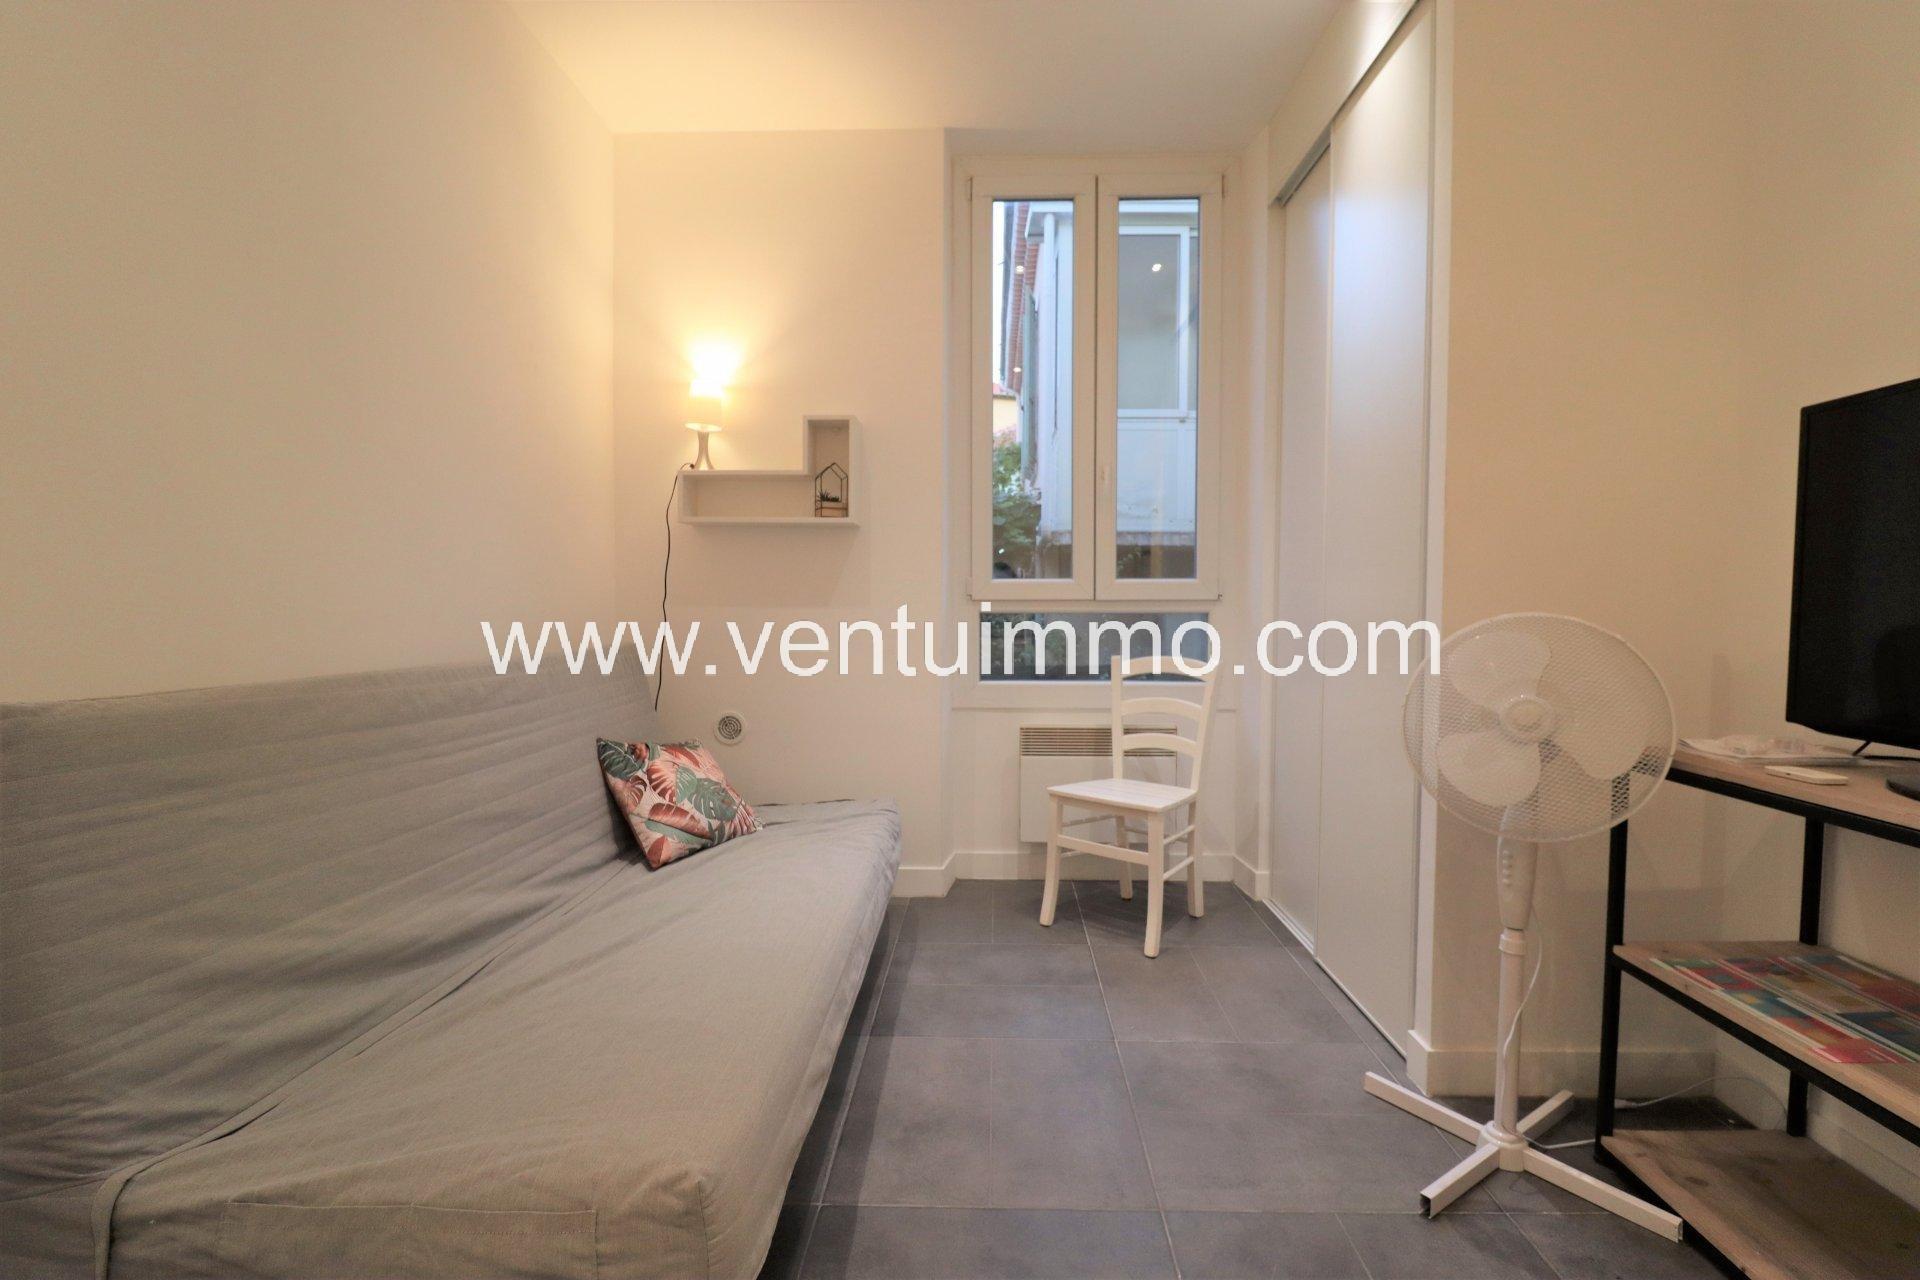 Alquiler Estudio - Niza (Nice)